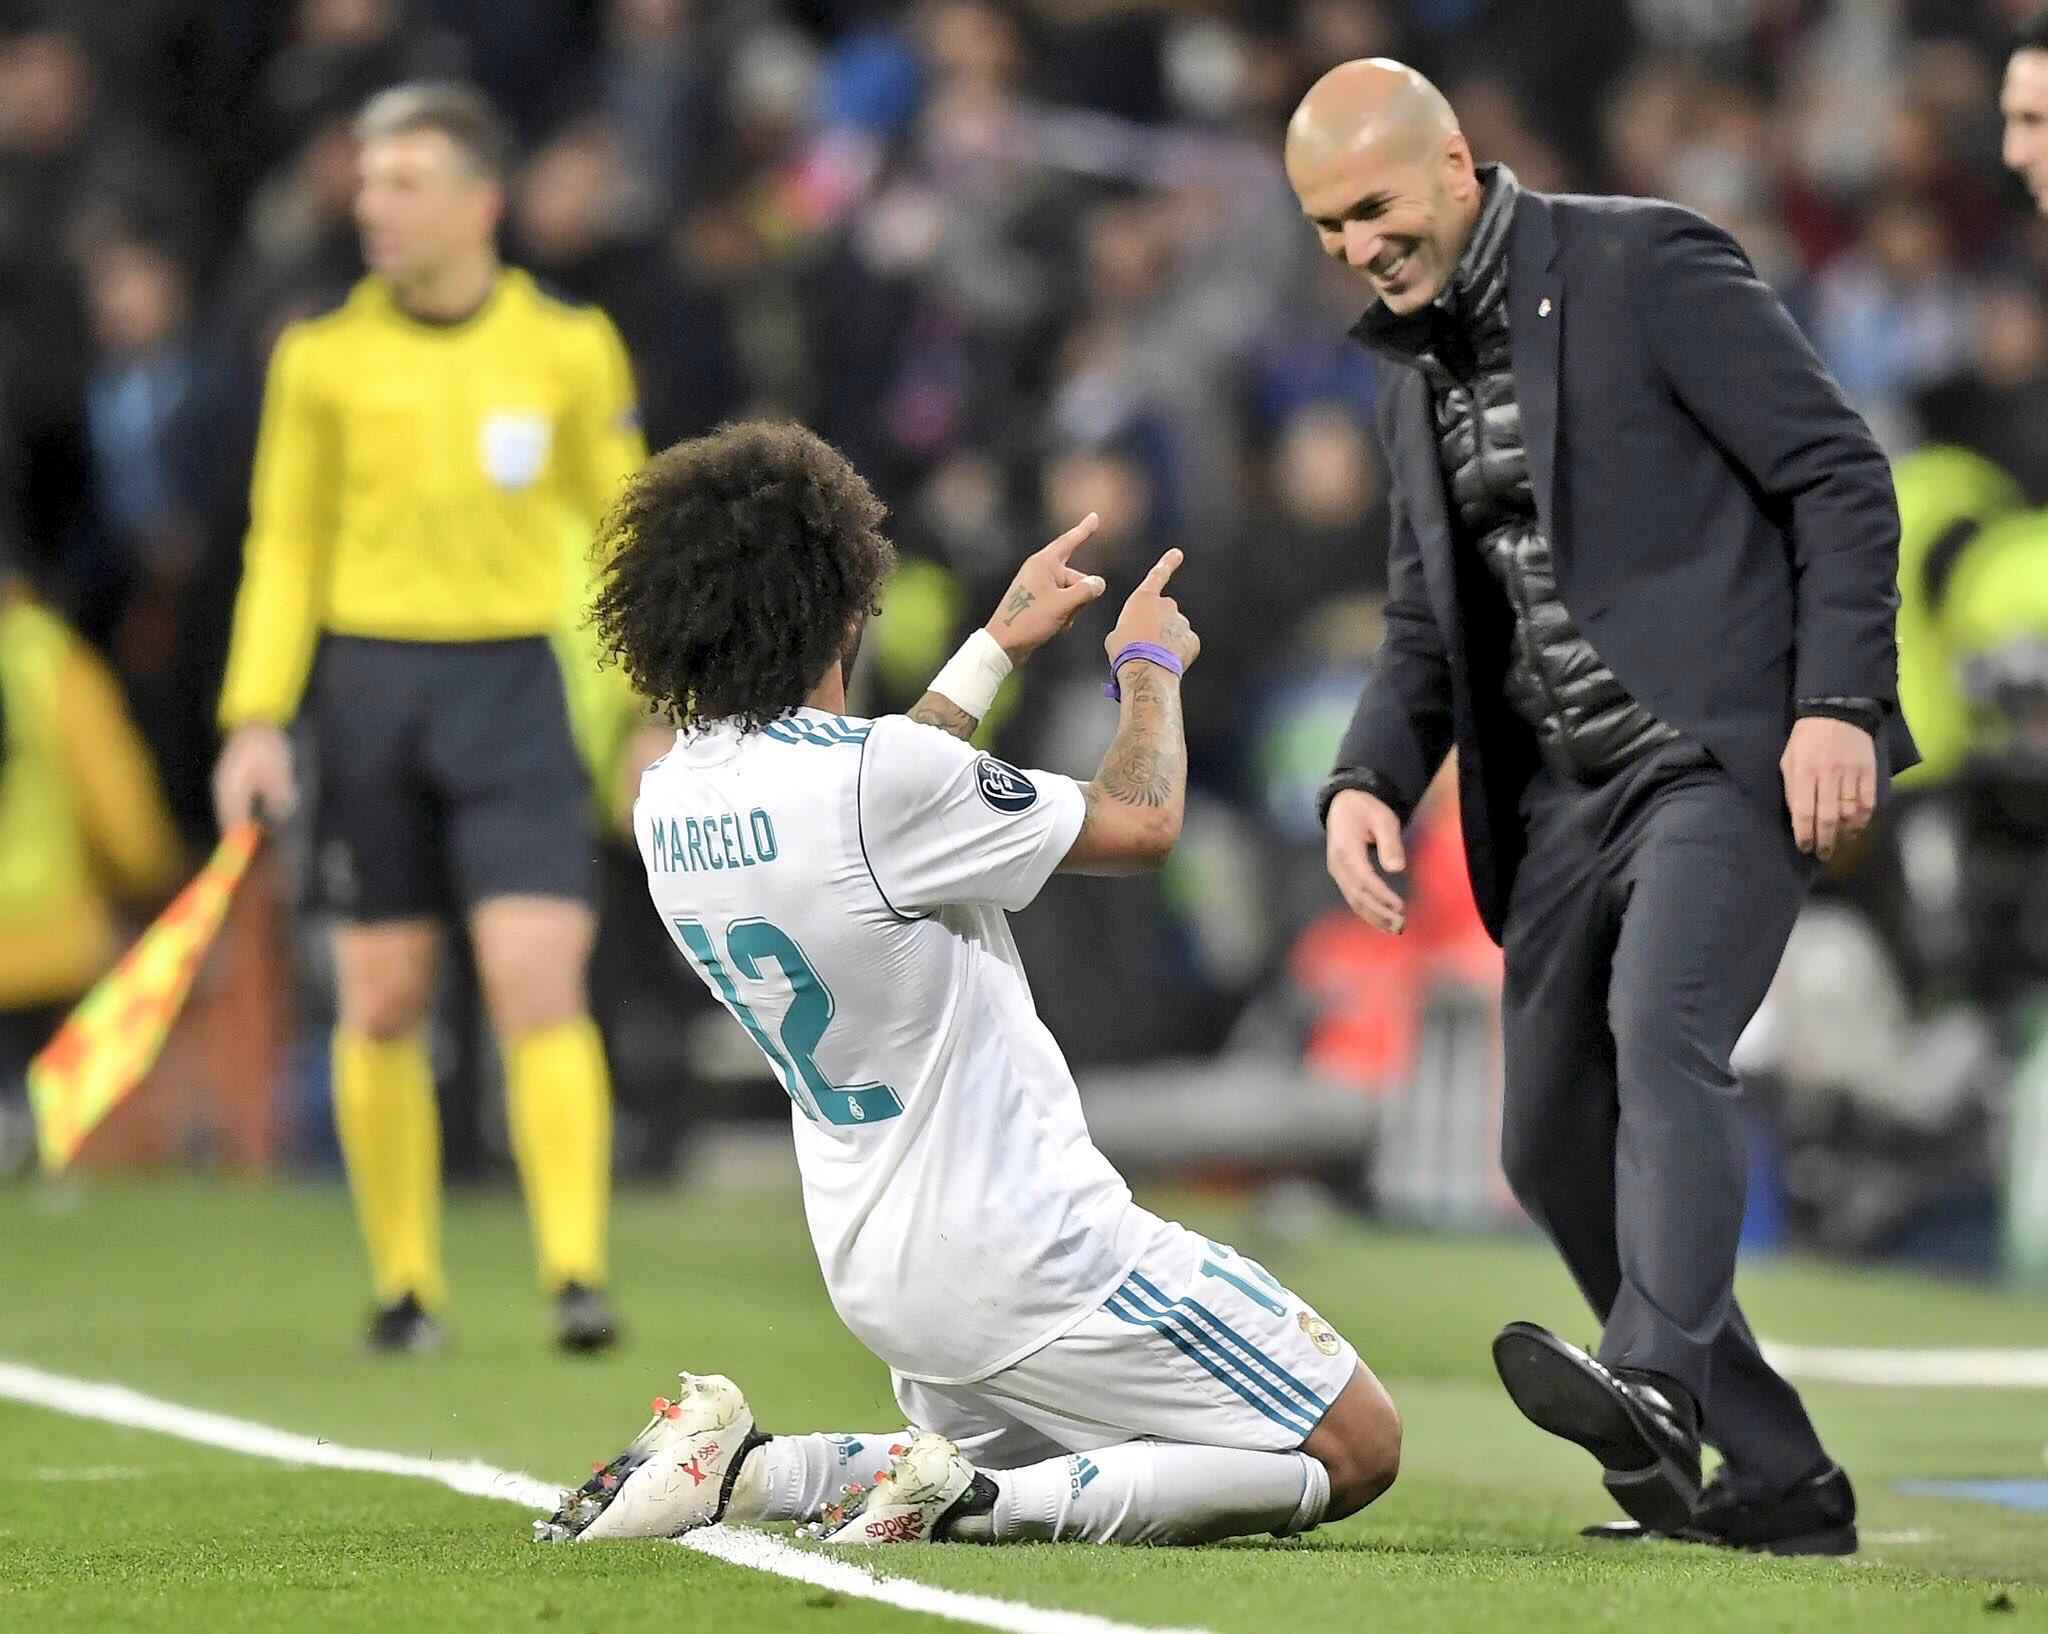 La opinión de @DbenavidesMReal : El crepúsculo de Zidane tendrá que esperar, sigue fiel a sí mismo.